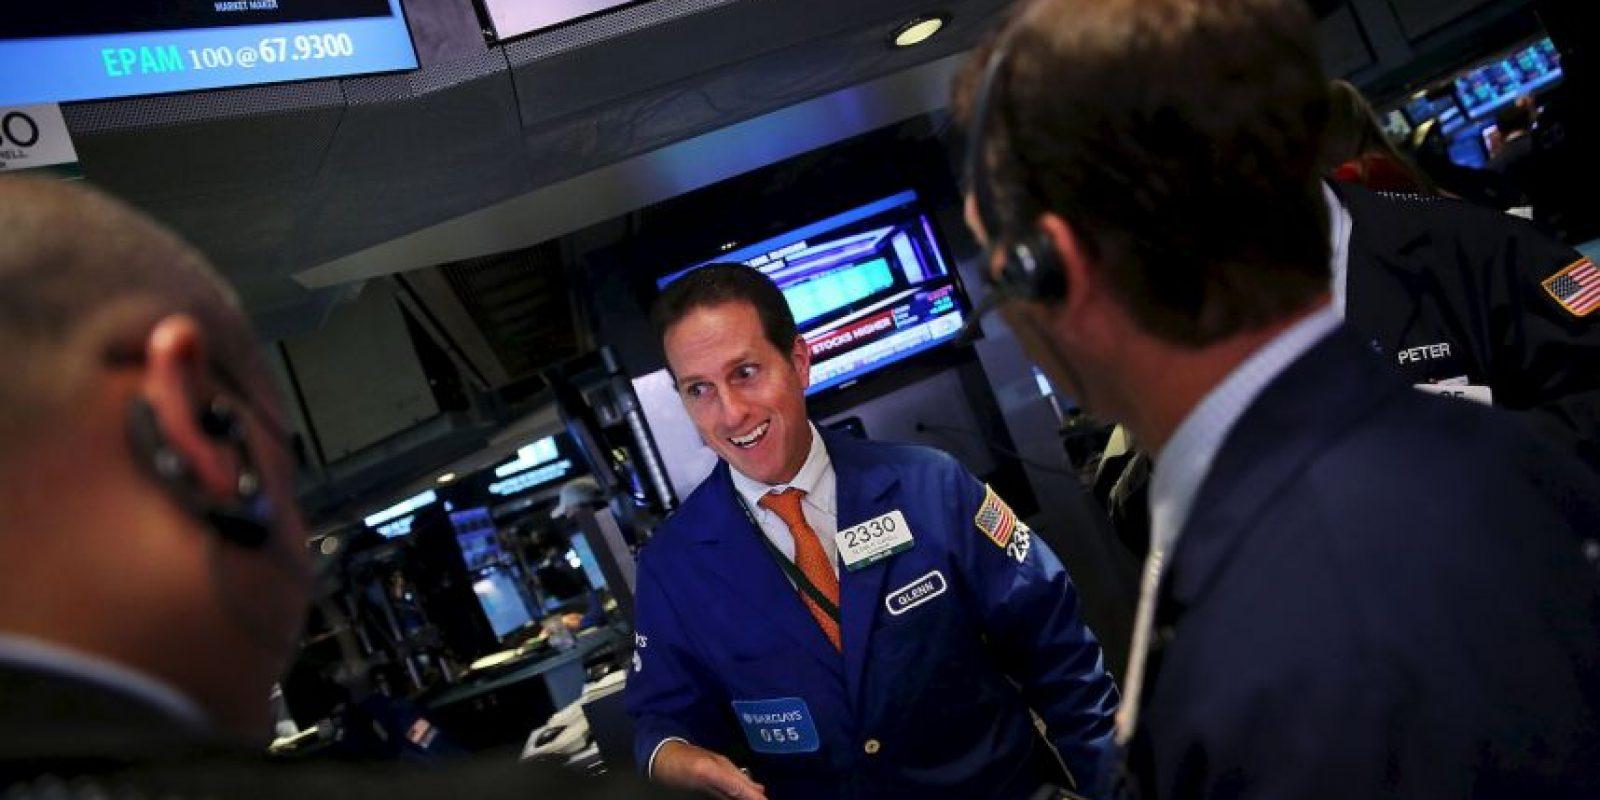 """""""Habrá una desaceleración muy importante en el comercio mundial, nos dice el analista de la UP. """"Todo está convergiendo a una desaceleración económica muy importante"""". Foto:Getty Images"""